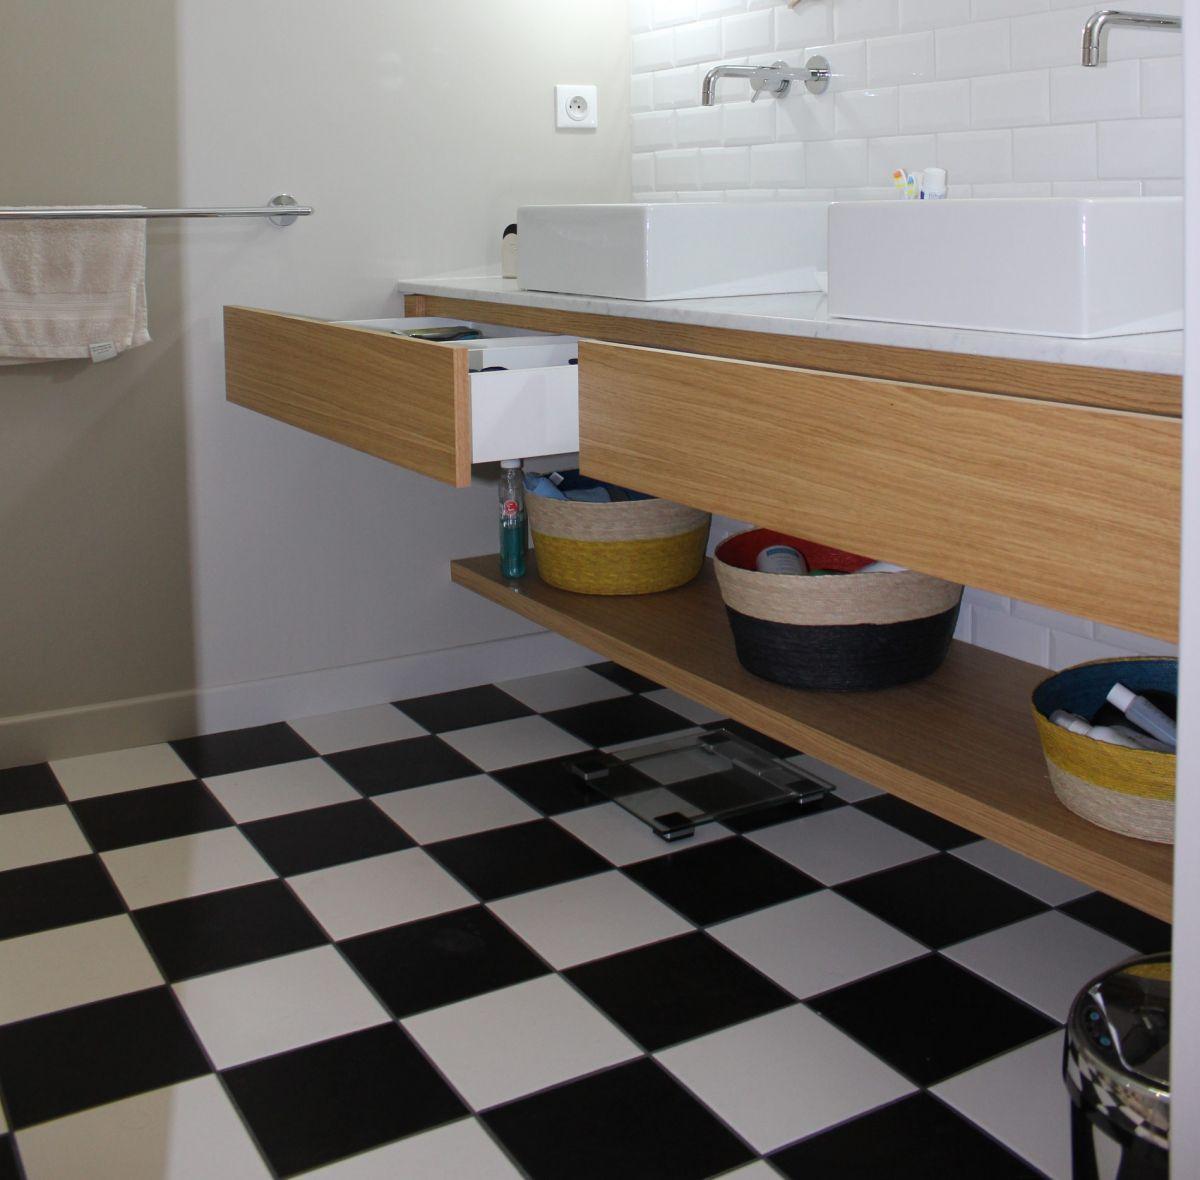 Mobilier salle de bain lidl id e inspirante pour la conception de la maison for Pose plan de travail cuisine